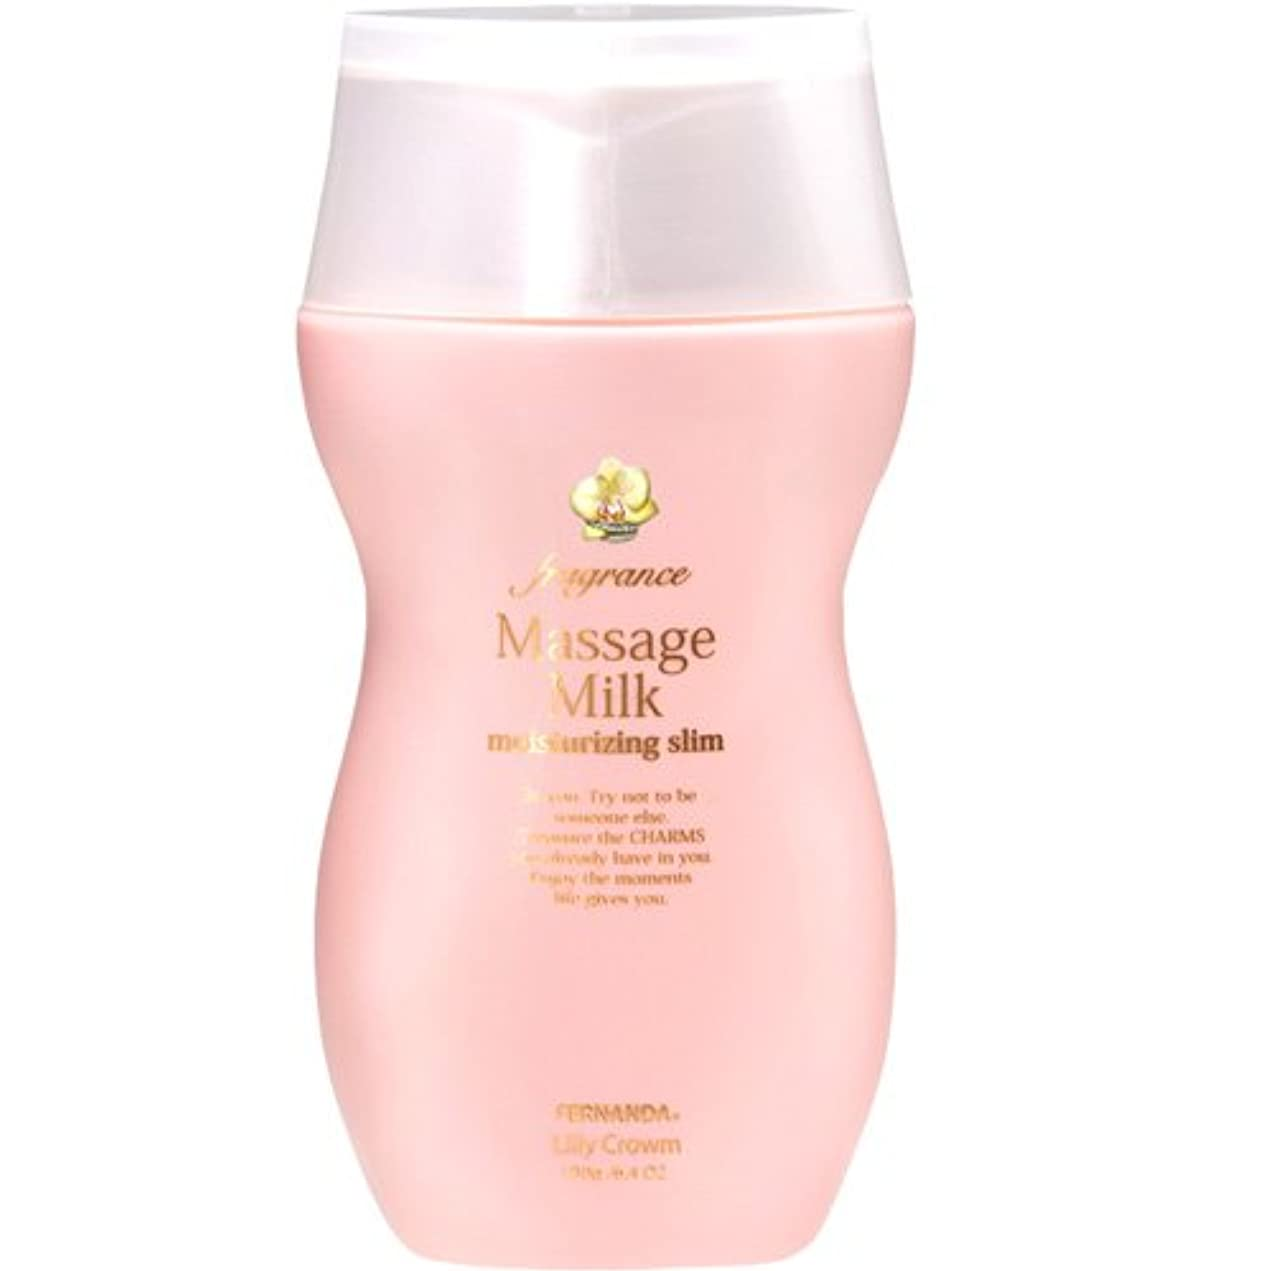 光景寛容なフライトFERNANDA(フェルナンダ) Massage Milk Lilly Crown (マッサージミルク リリークラウン)